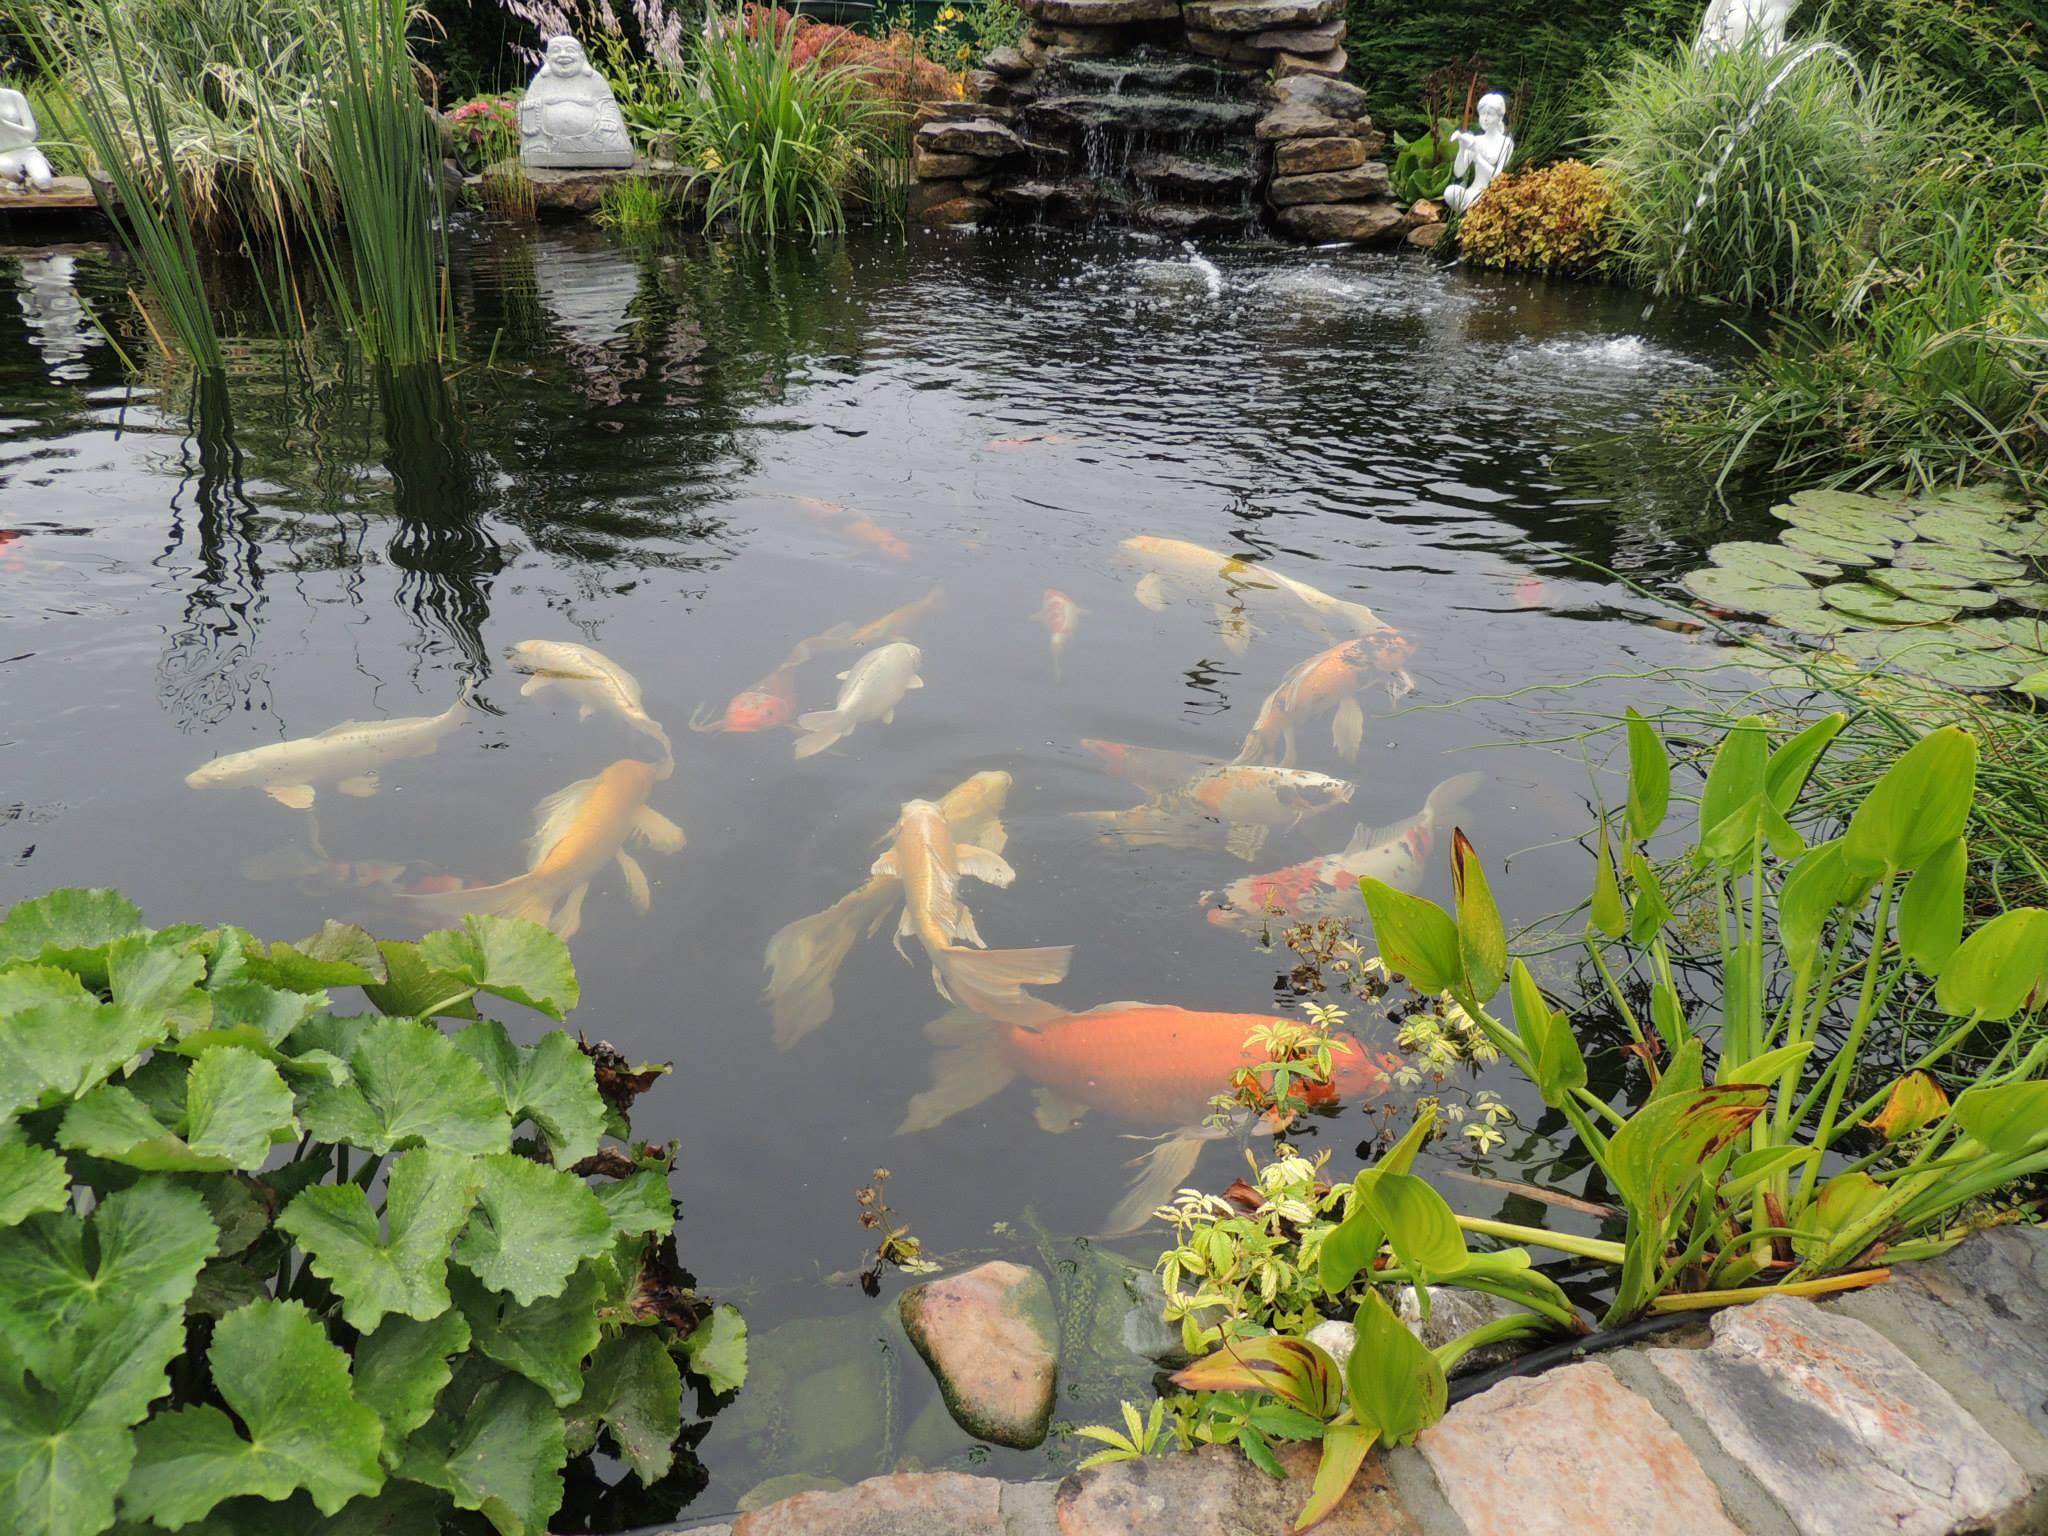 Les 15 Plus Beaux Bassins Découverts Lors Du Concours ... dedans Accessoires Pour Bassin De Jardin